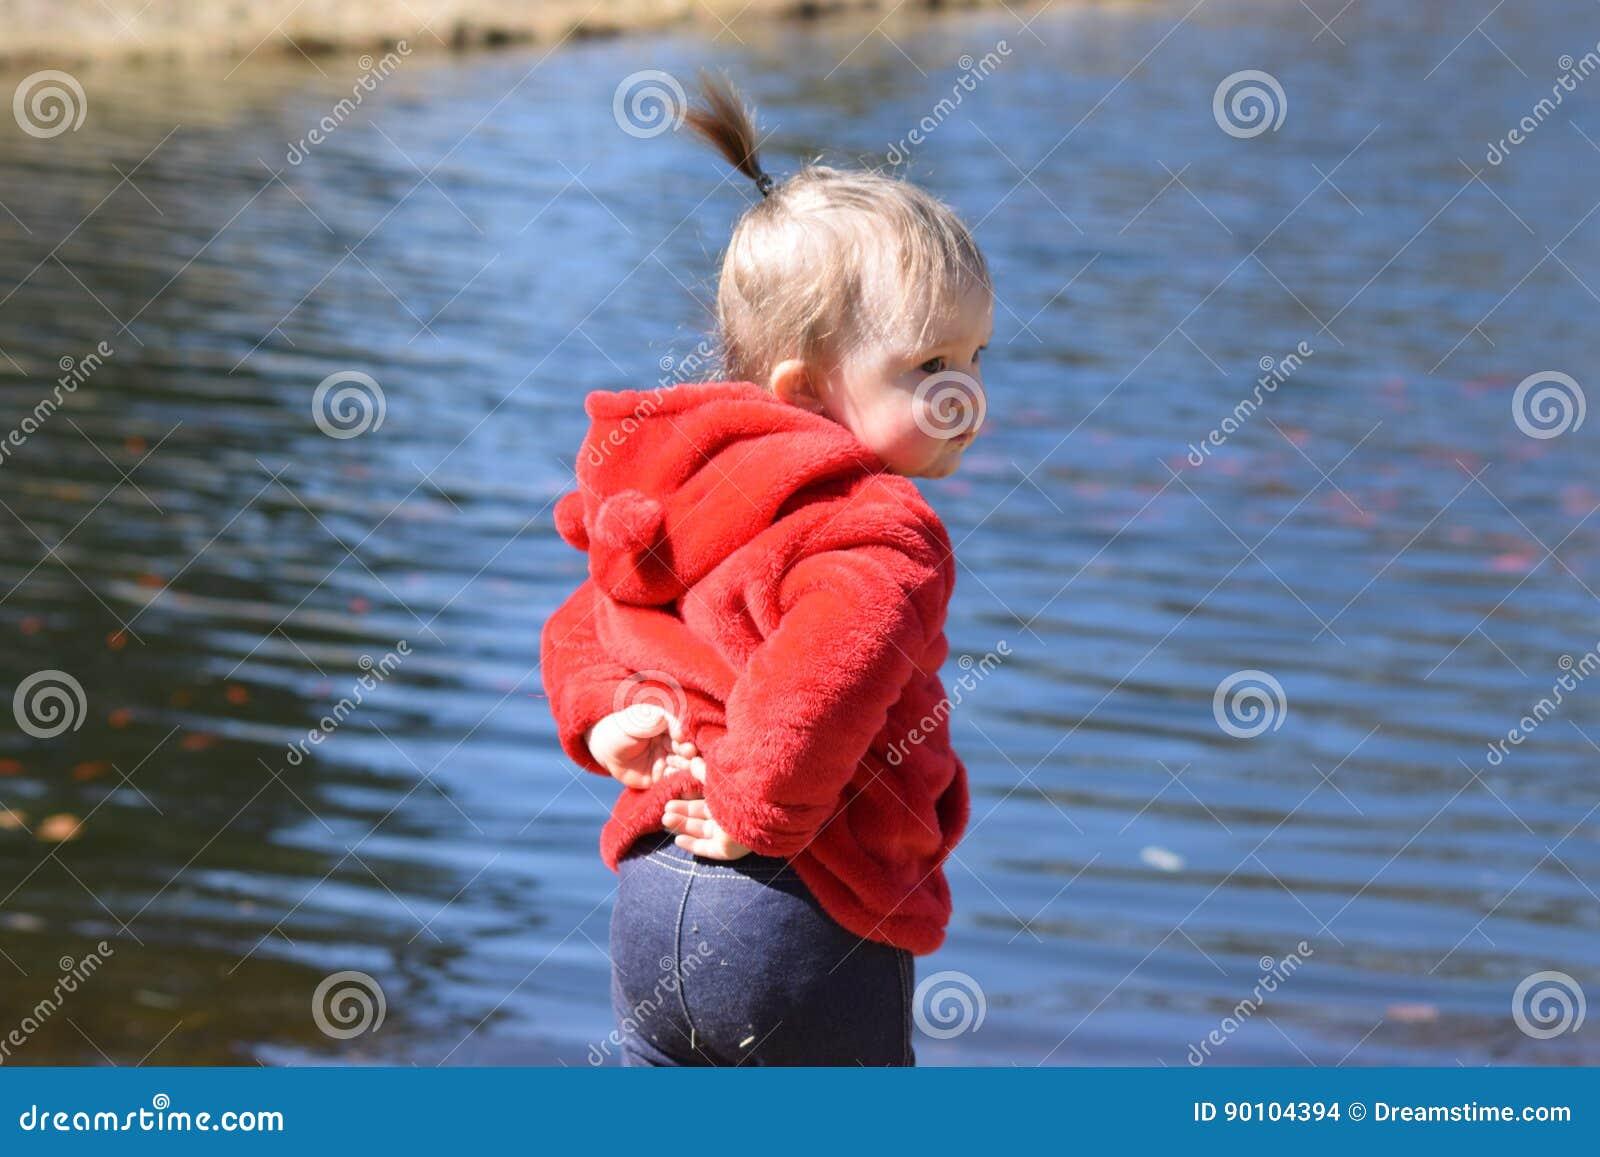 Kleinkindmädchen, das vor Teich steht